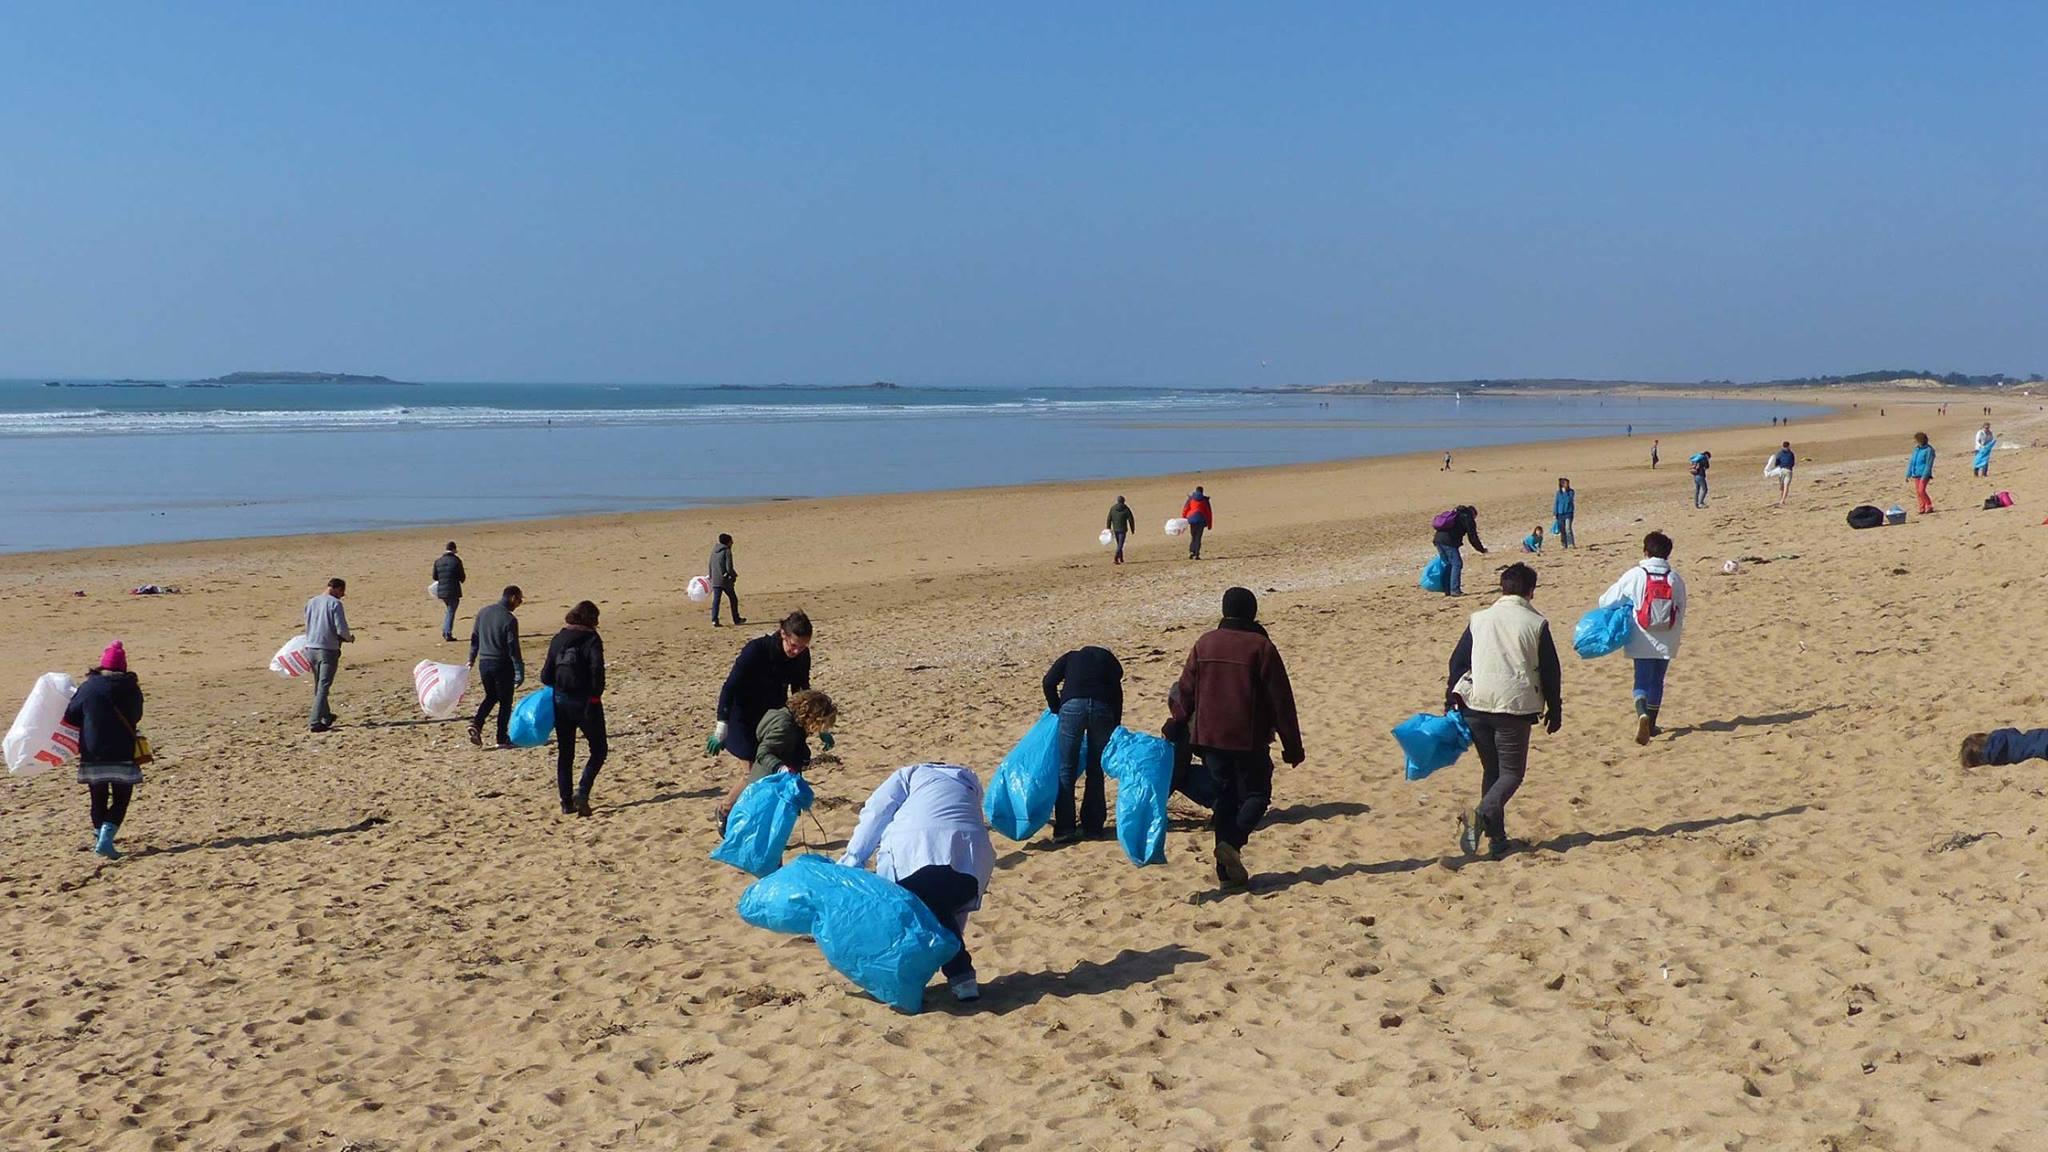 Nettoyage de plage avec Les Mains Dans Le Sable